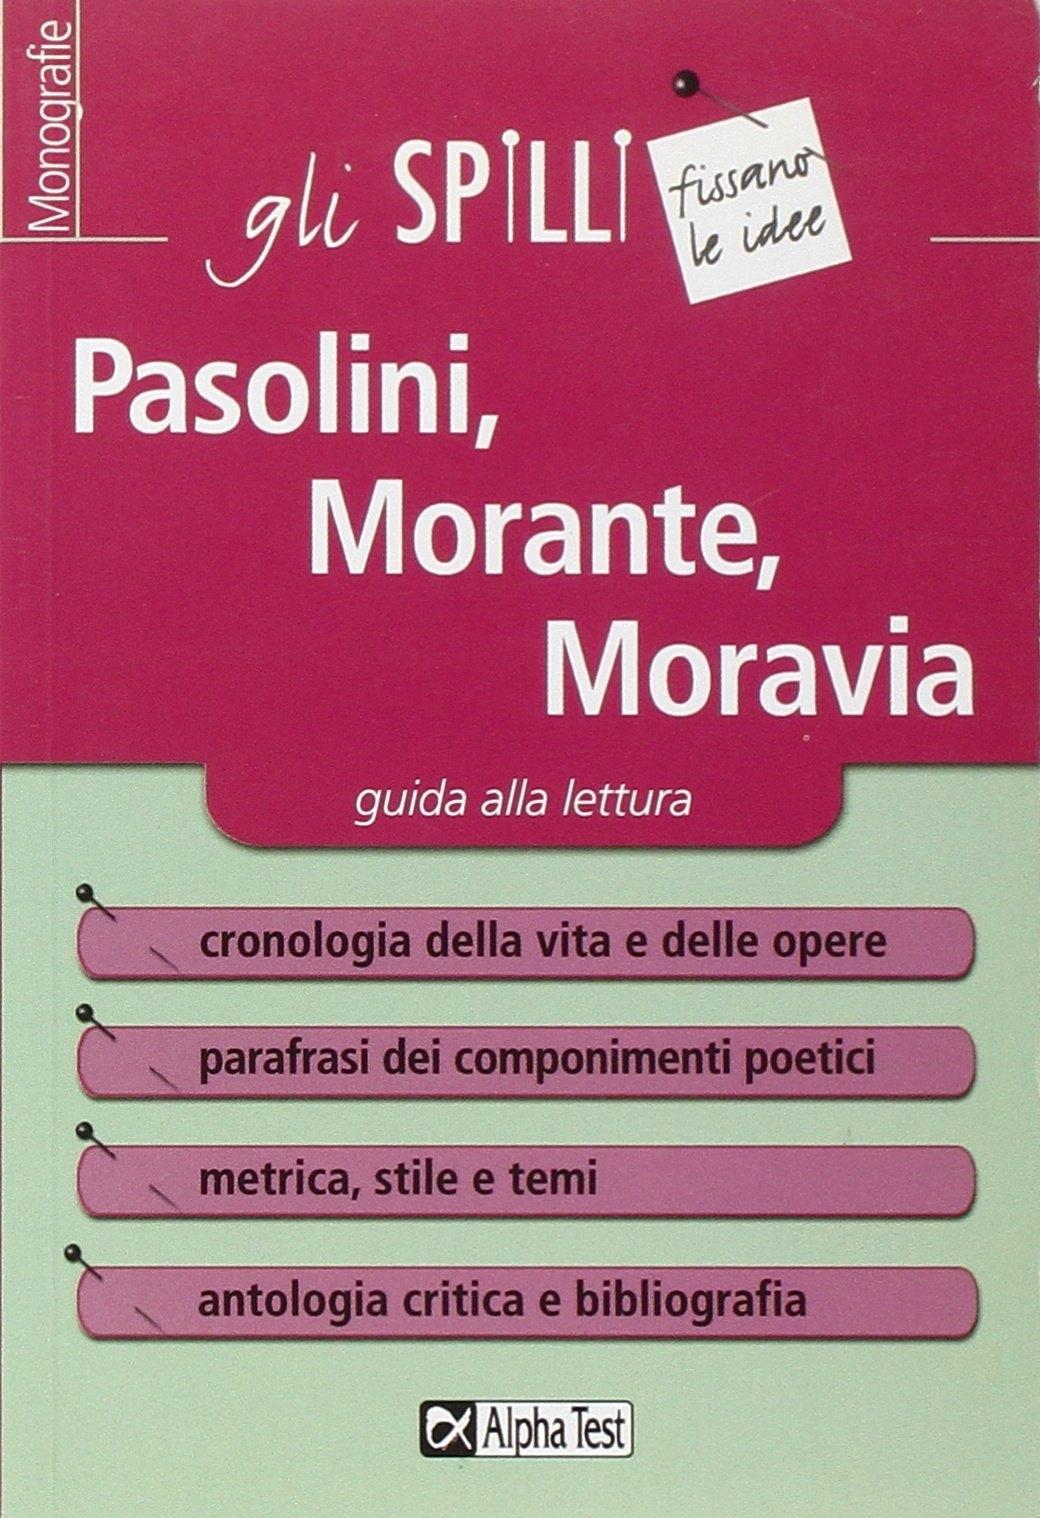 Pasolini, Morante, Moravia. Guida alla lettura